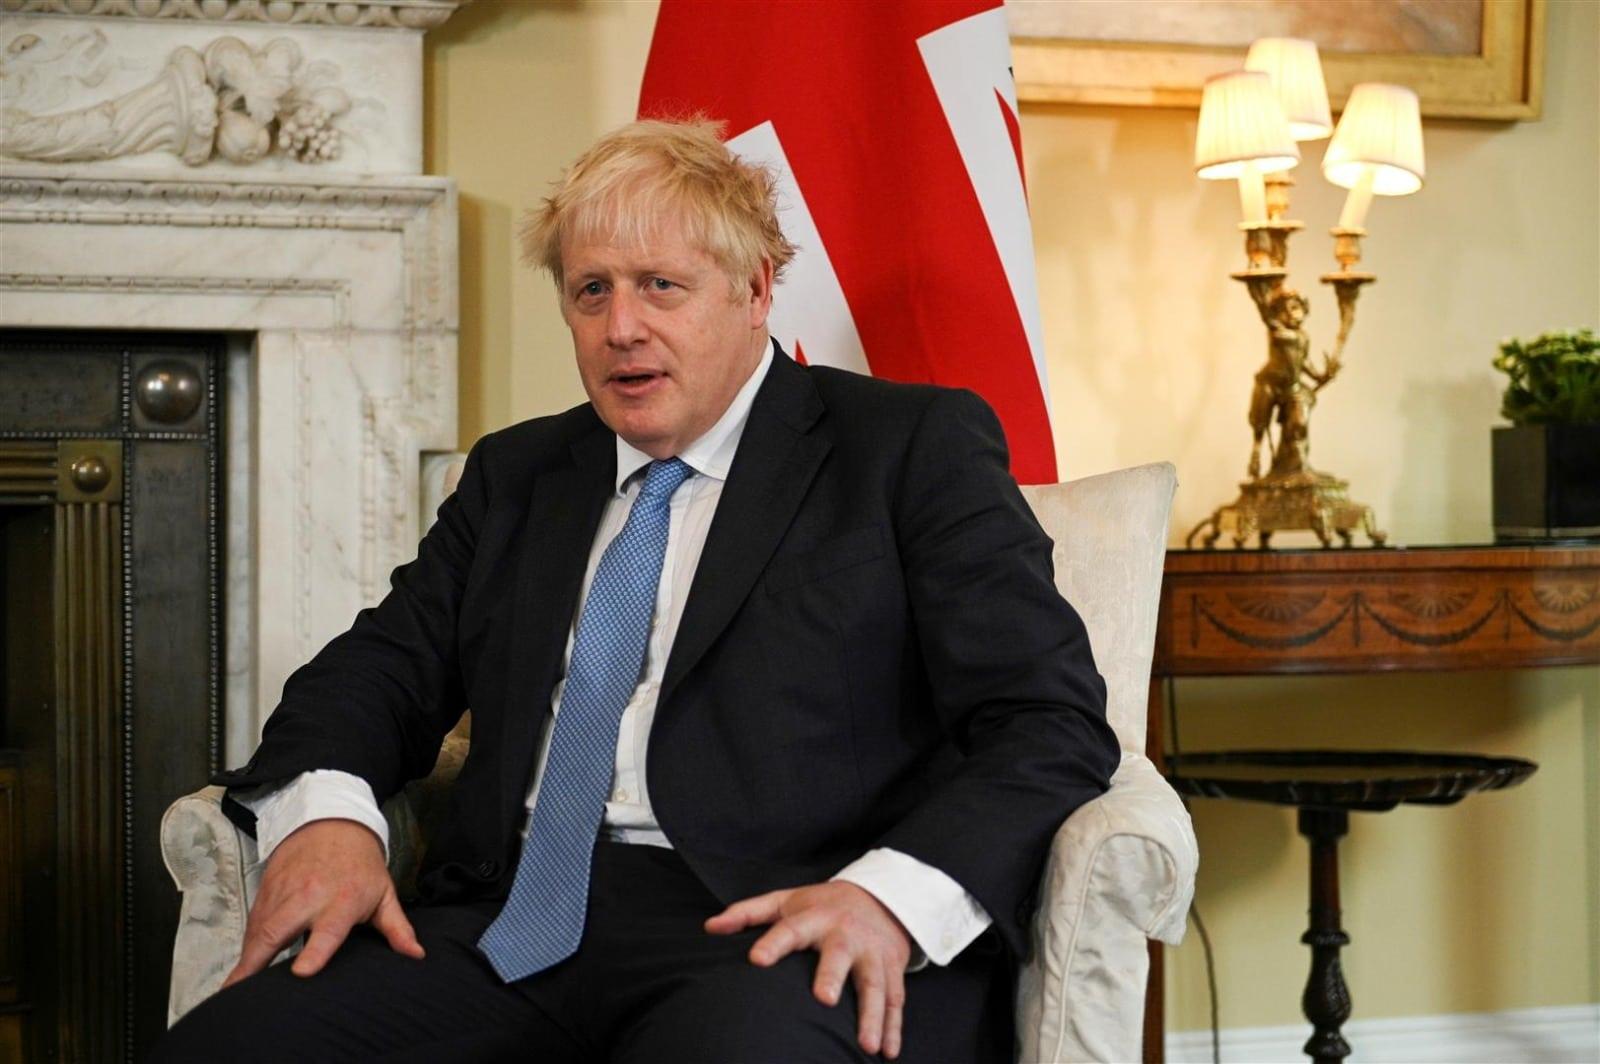 בוריס ג'ונסון ראש ממשלת בריטניה